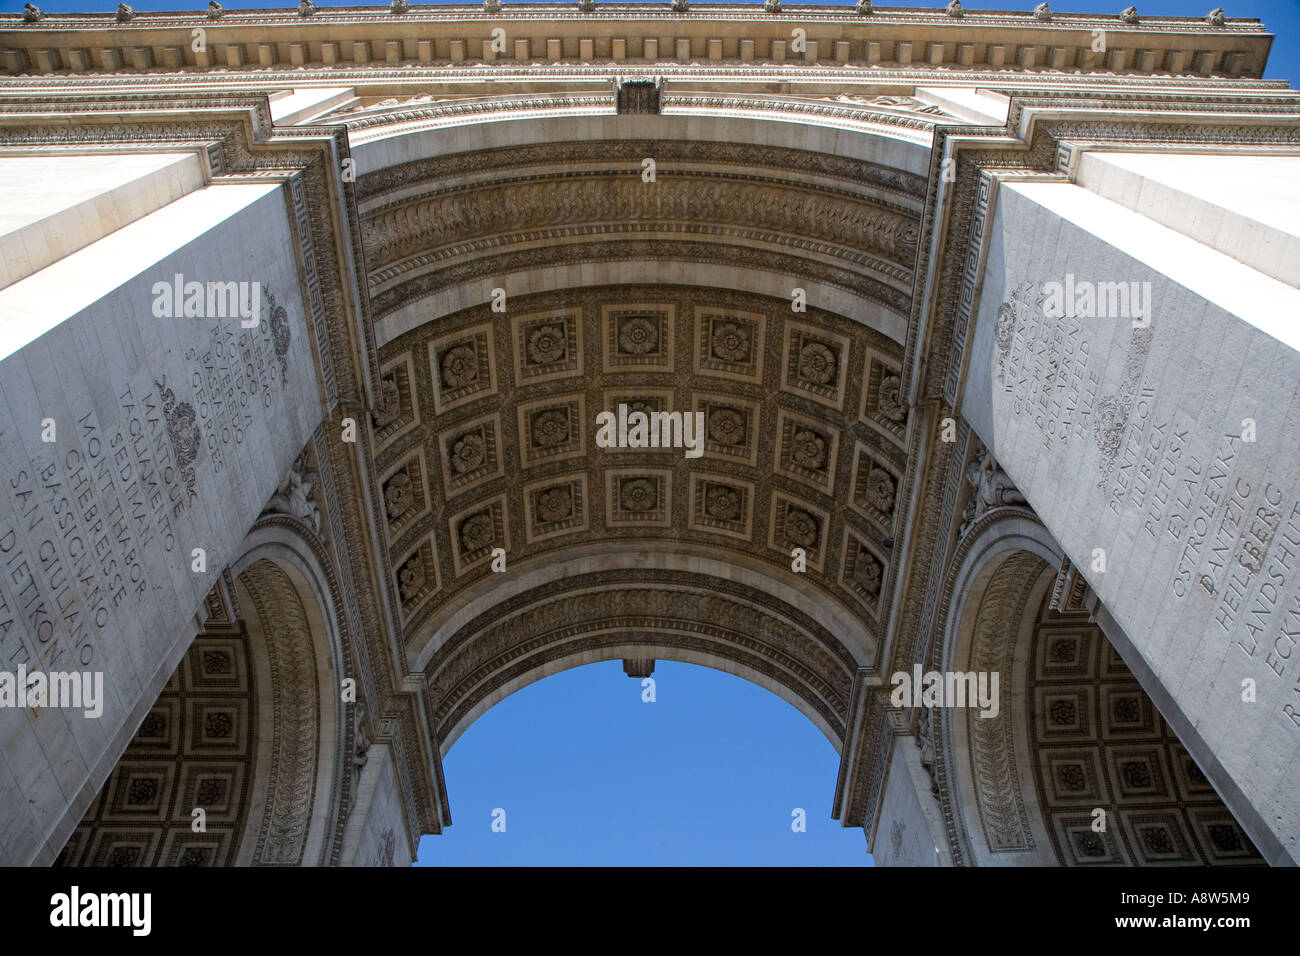 Arc de Triomphe & Champs elysees Paris France April - Stock Image